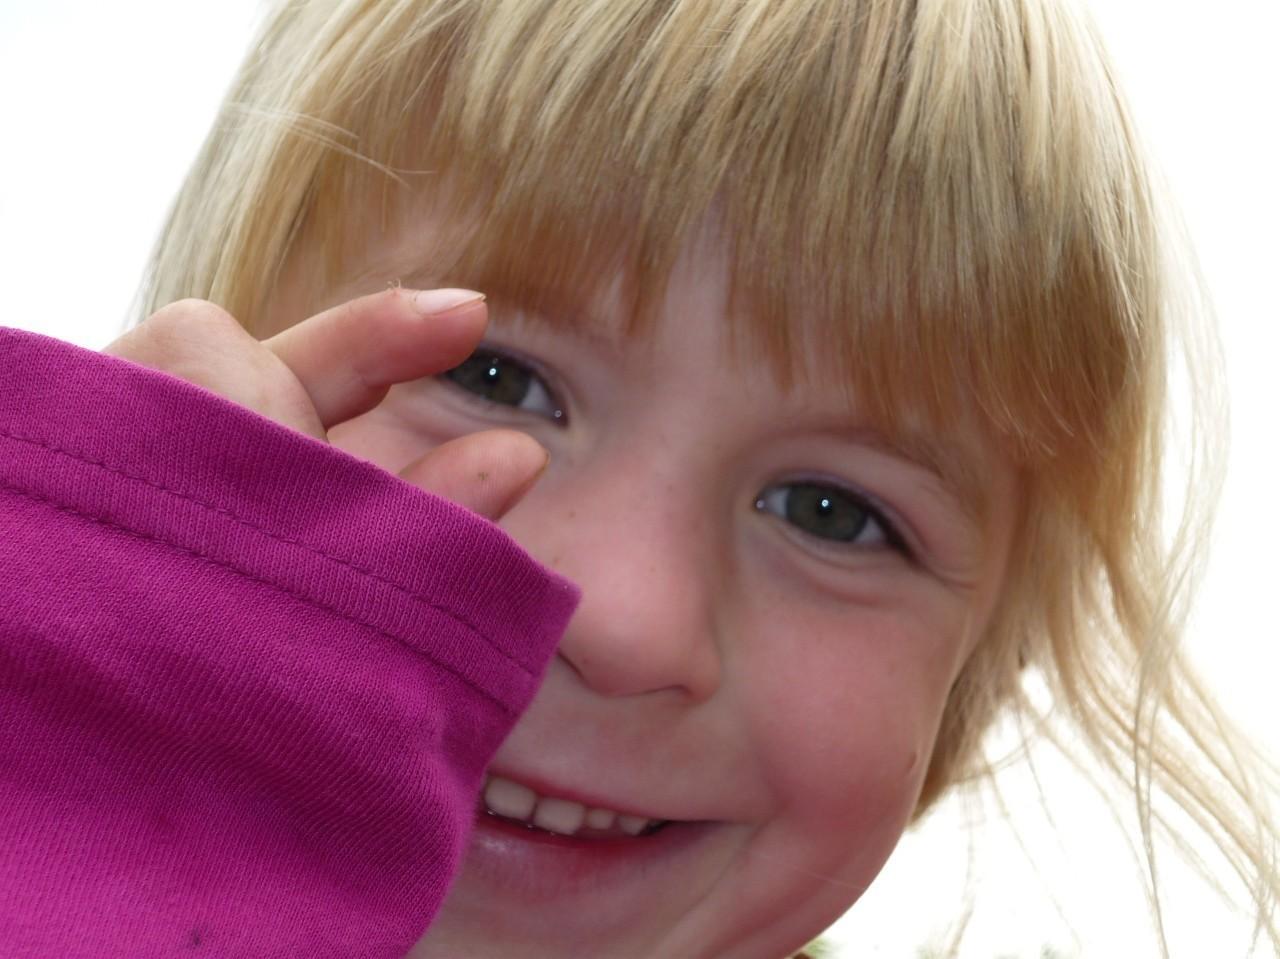 儿童配镜需注意哪些事项?